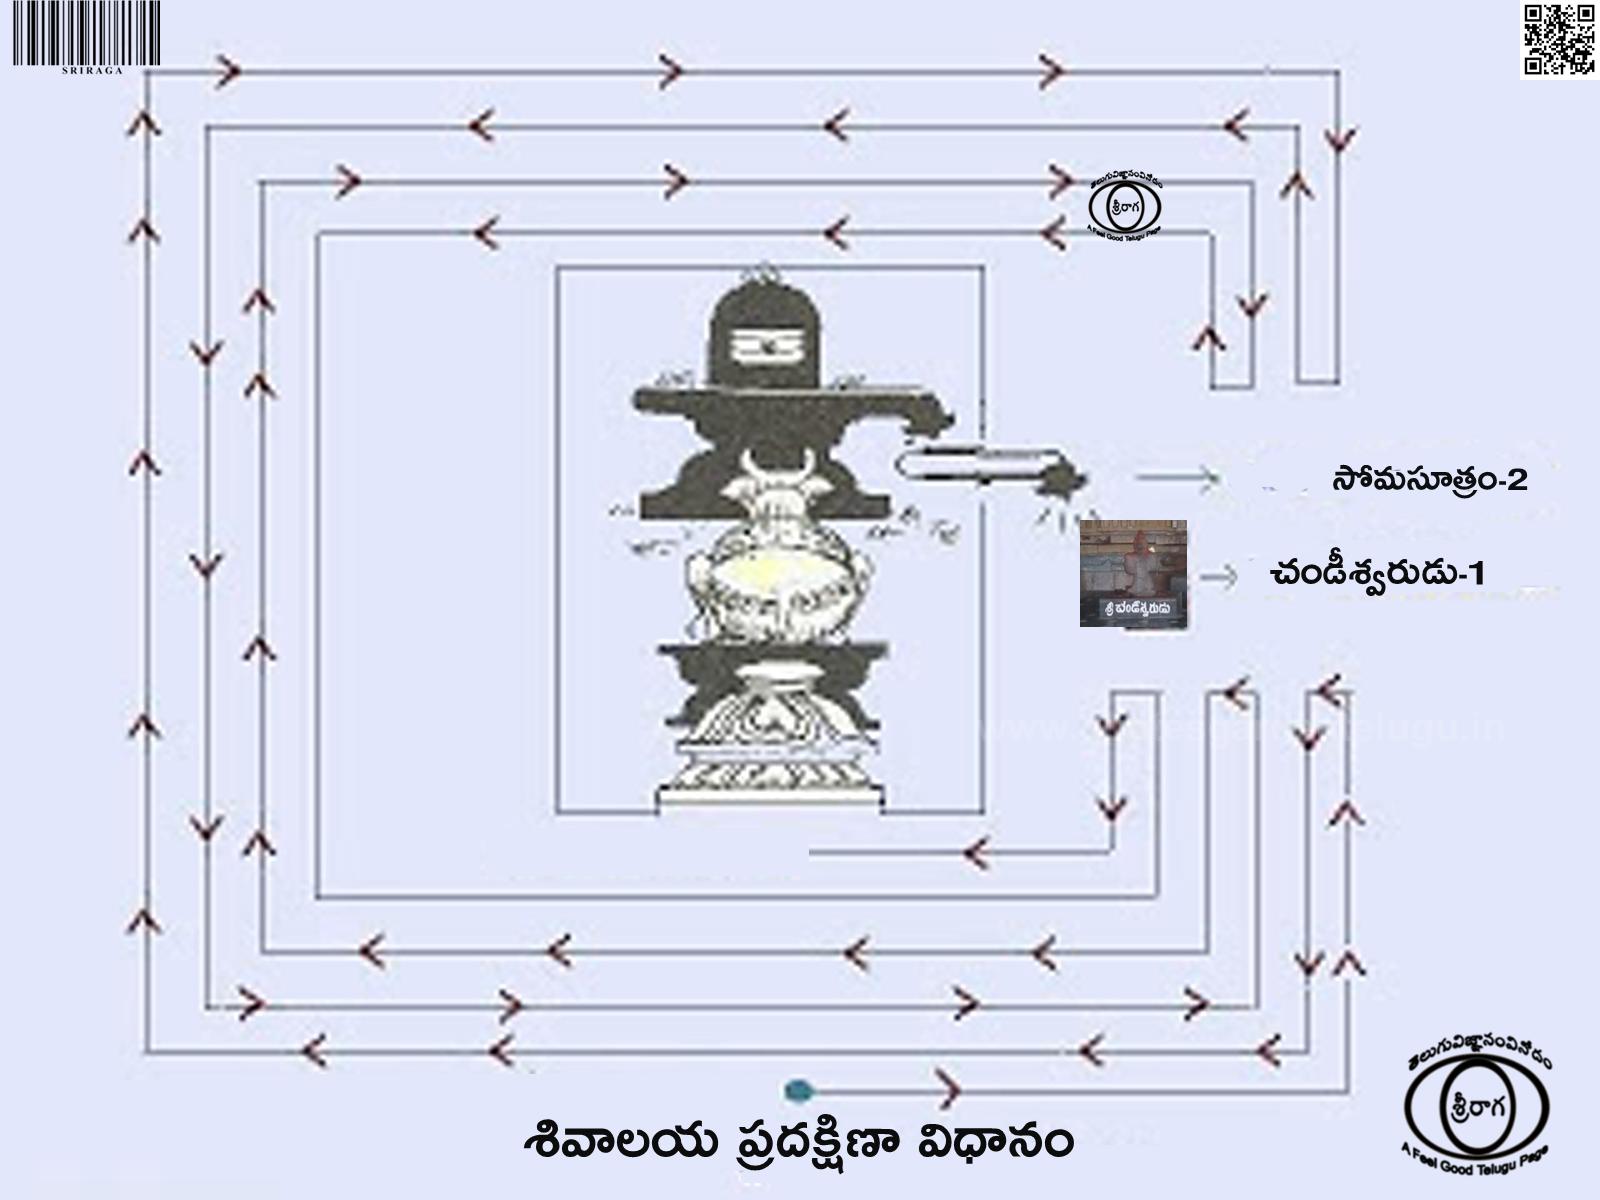 శివాలయ ప్రదక్షిణా విధానం-Shivalaya pradakshina vidhanam-Somasutram-Chandeeswara-సోమసూత్రం-చండీశ్వరులు-శివాలయ-ప్రదక్షిణా-విధానం